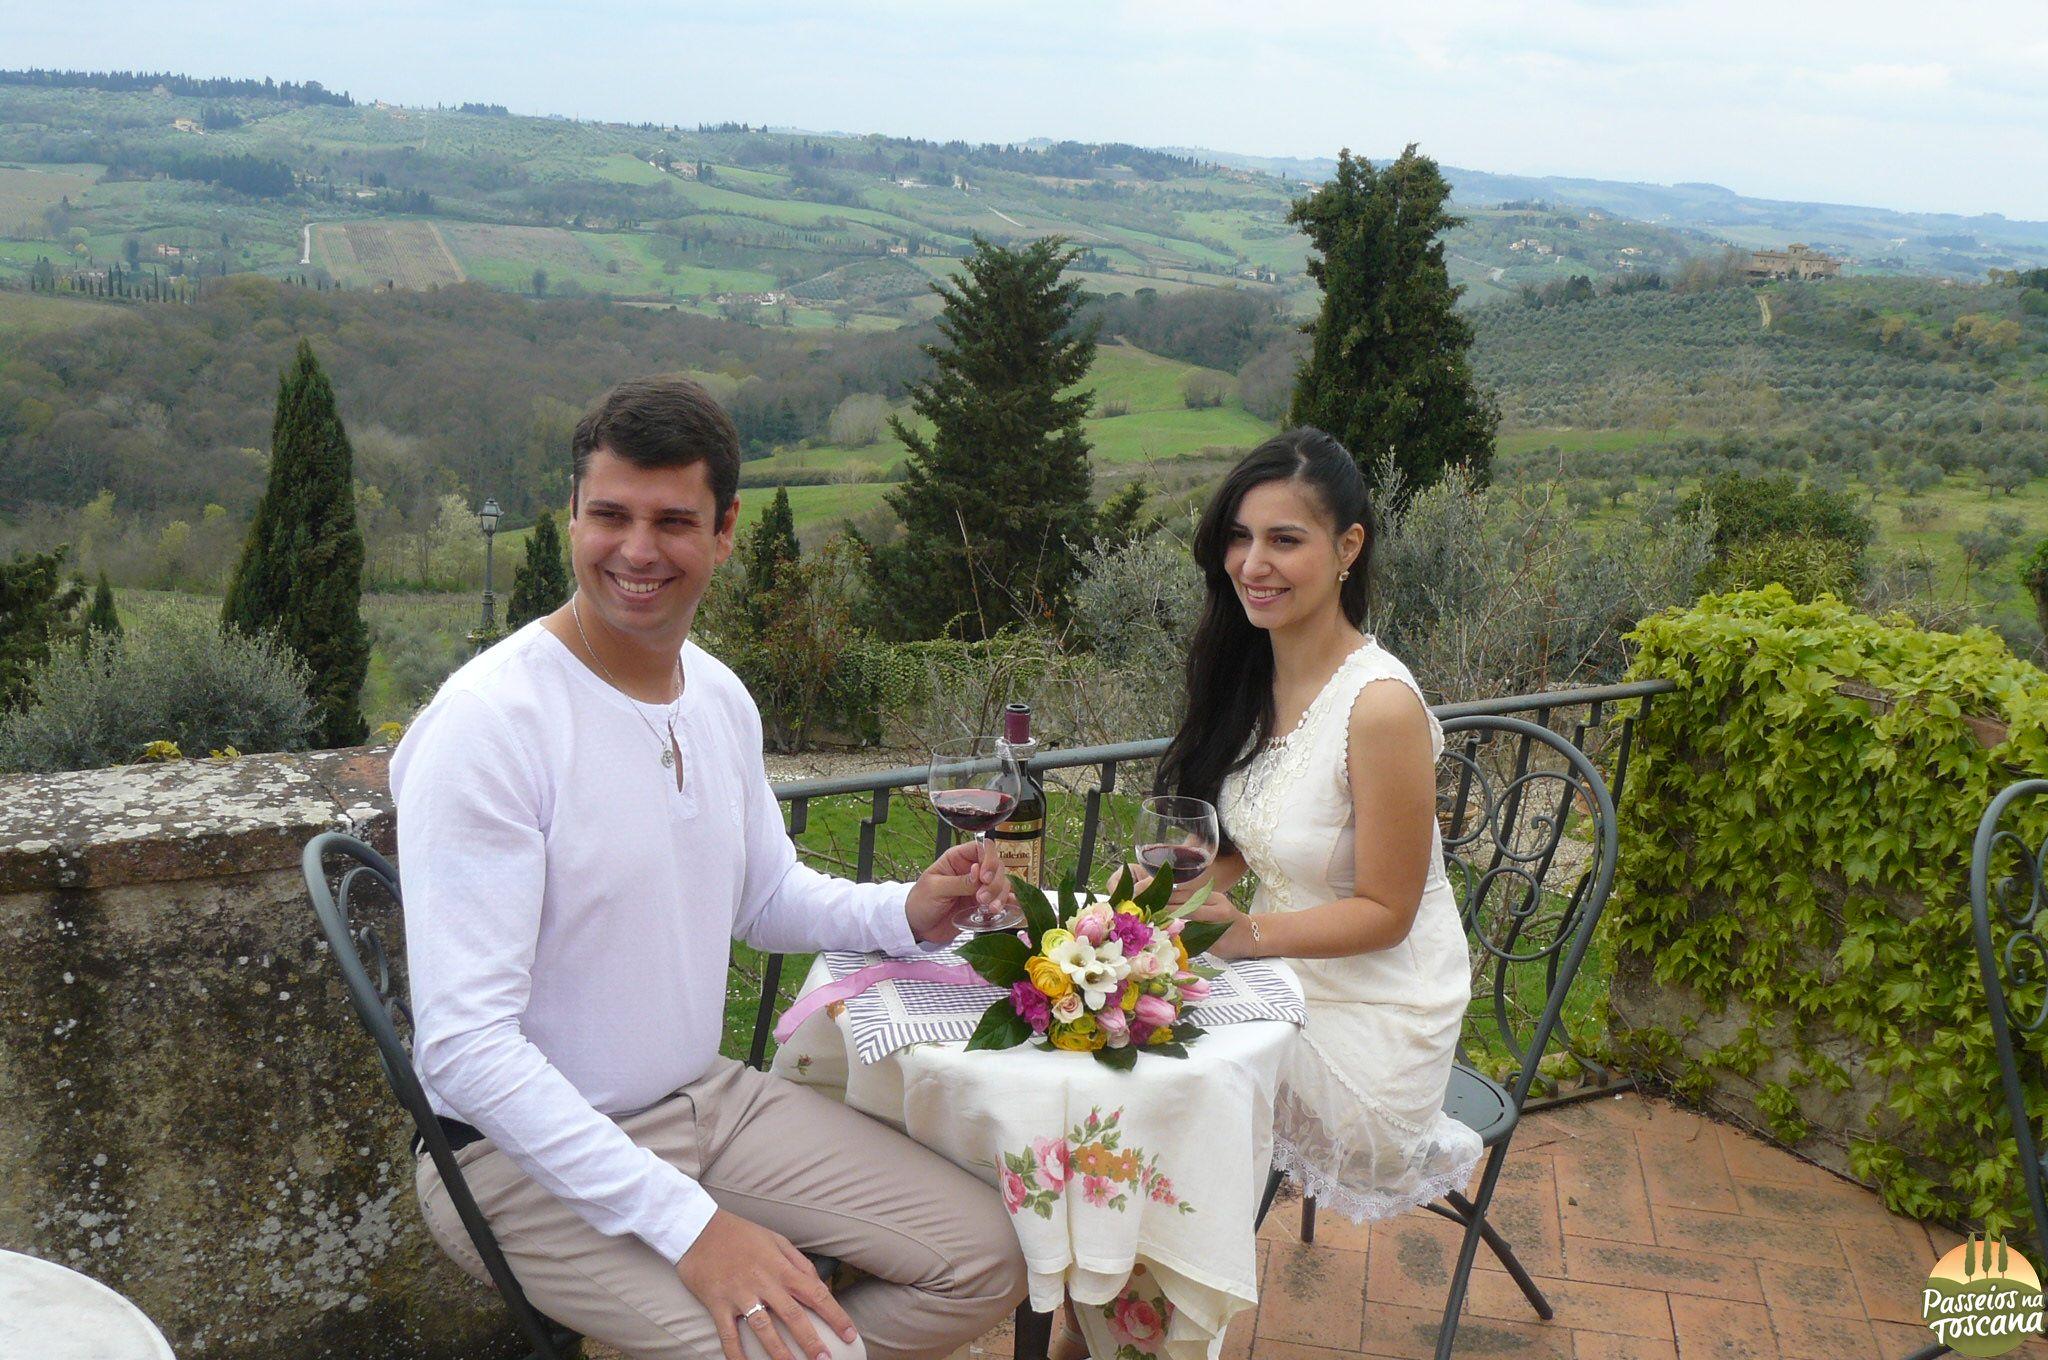 cerimonia de um dos nossos leitores em uma vinícola no Chianti